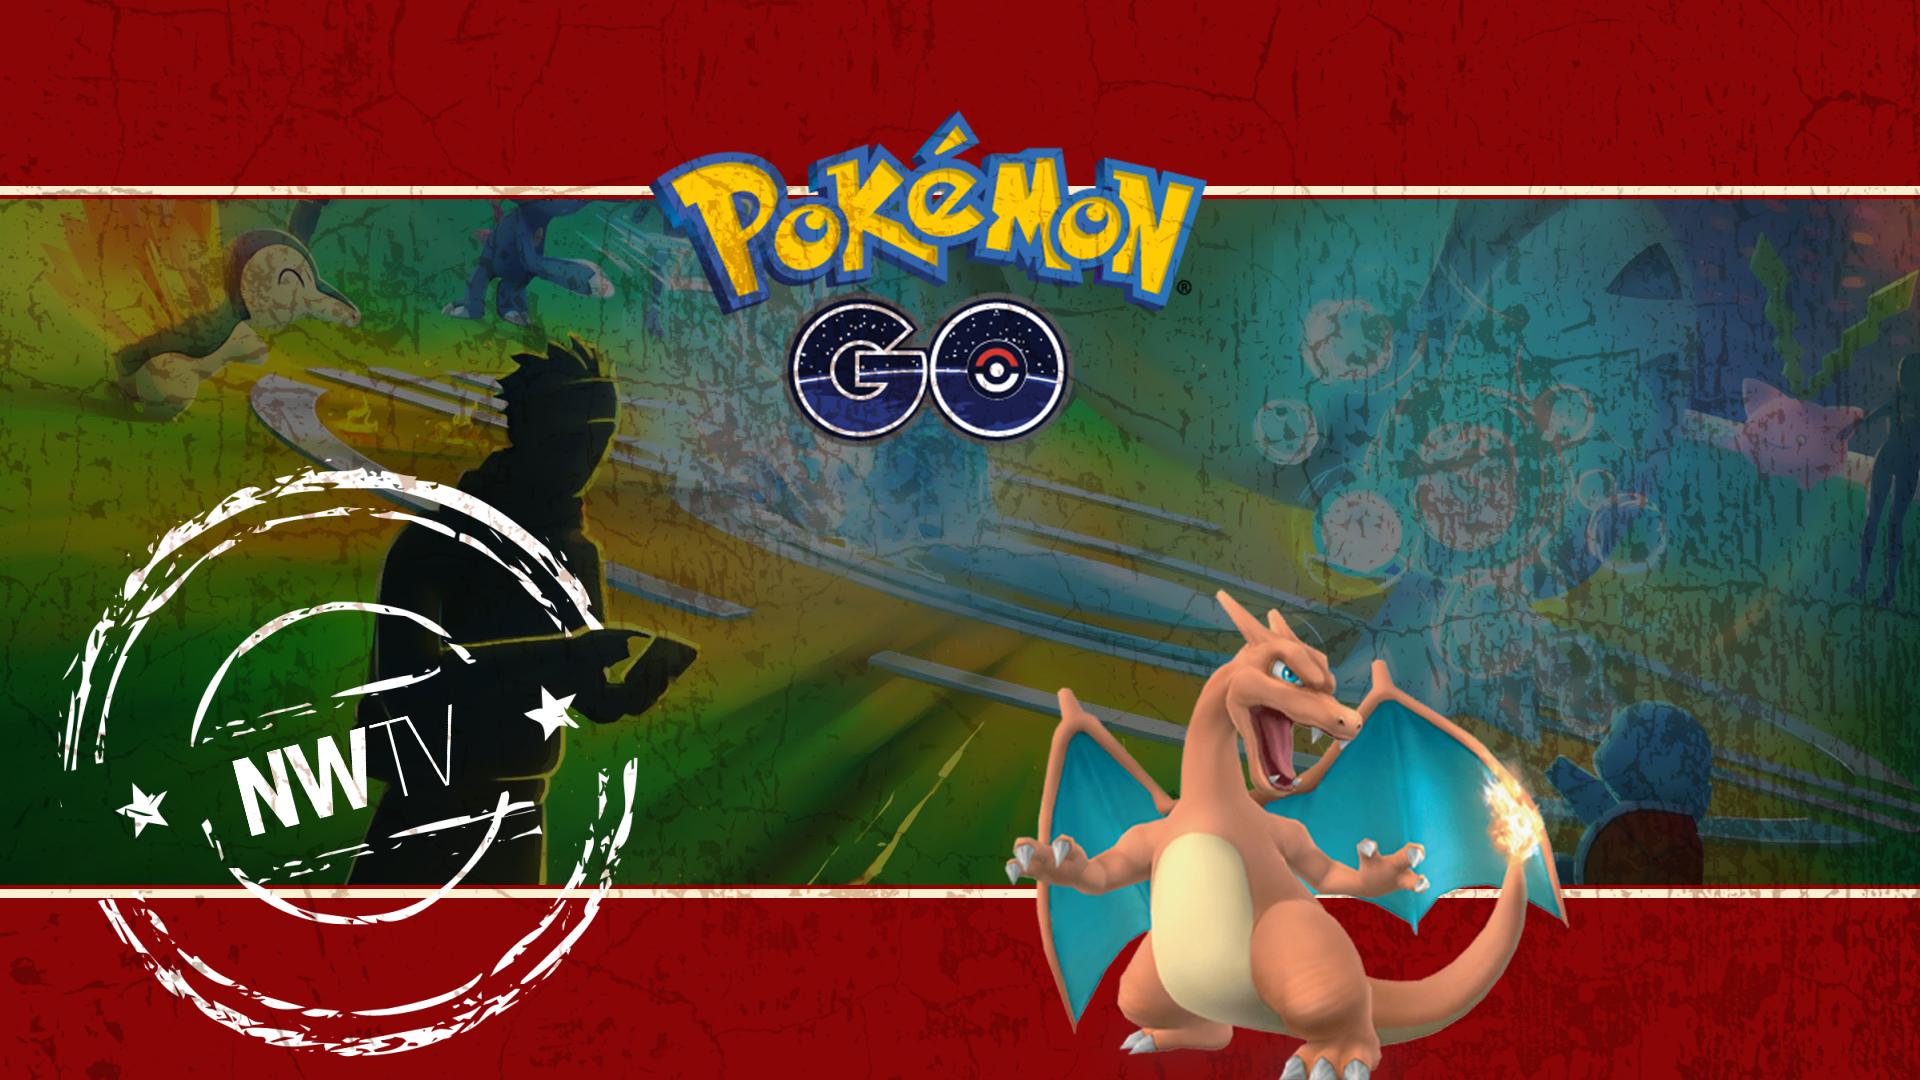 13.00 - Pokémon Go